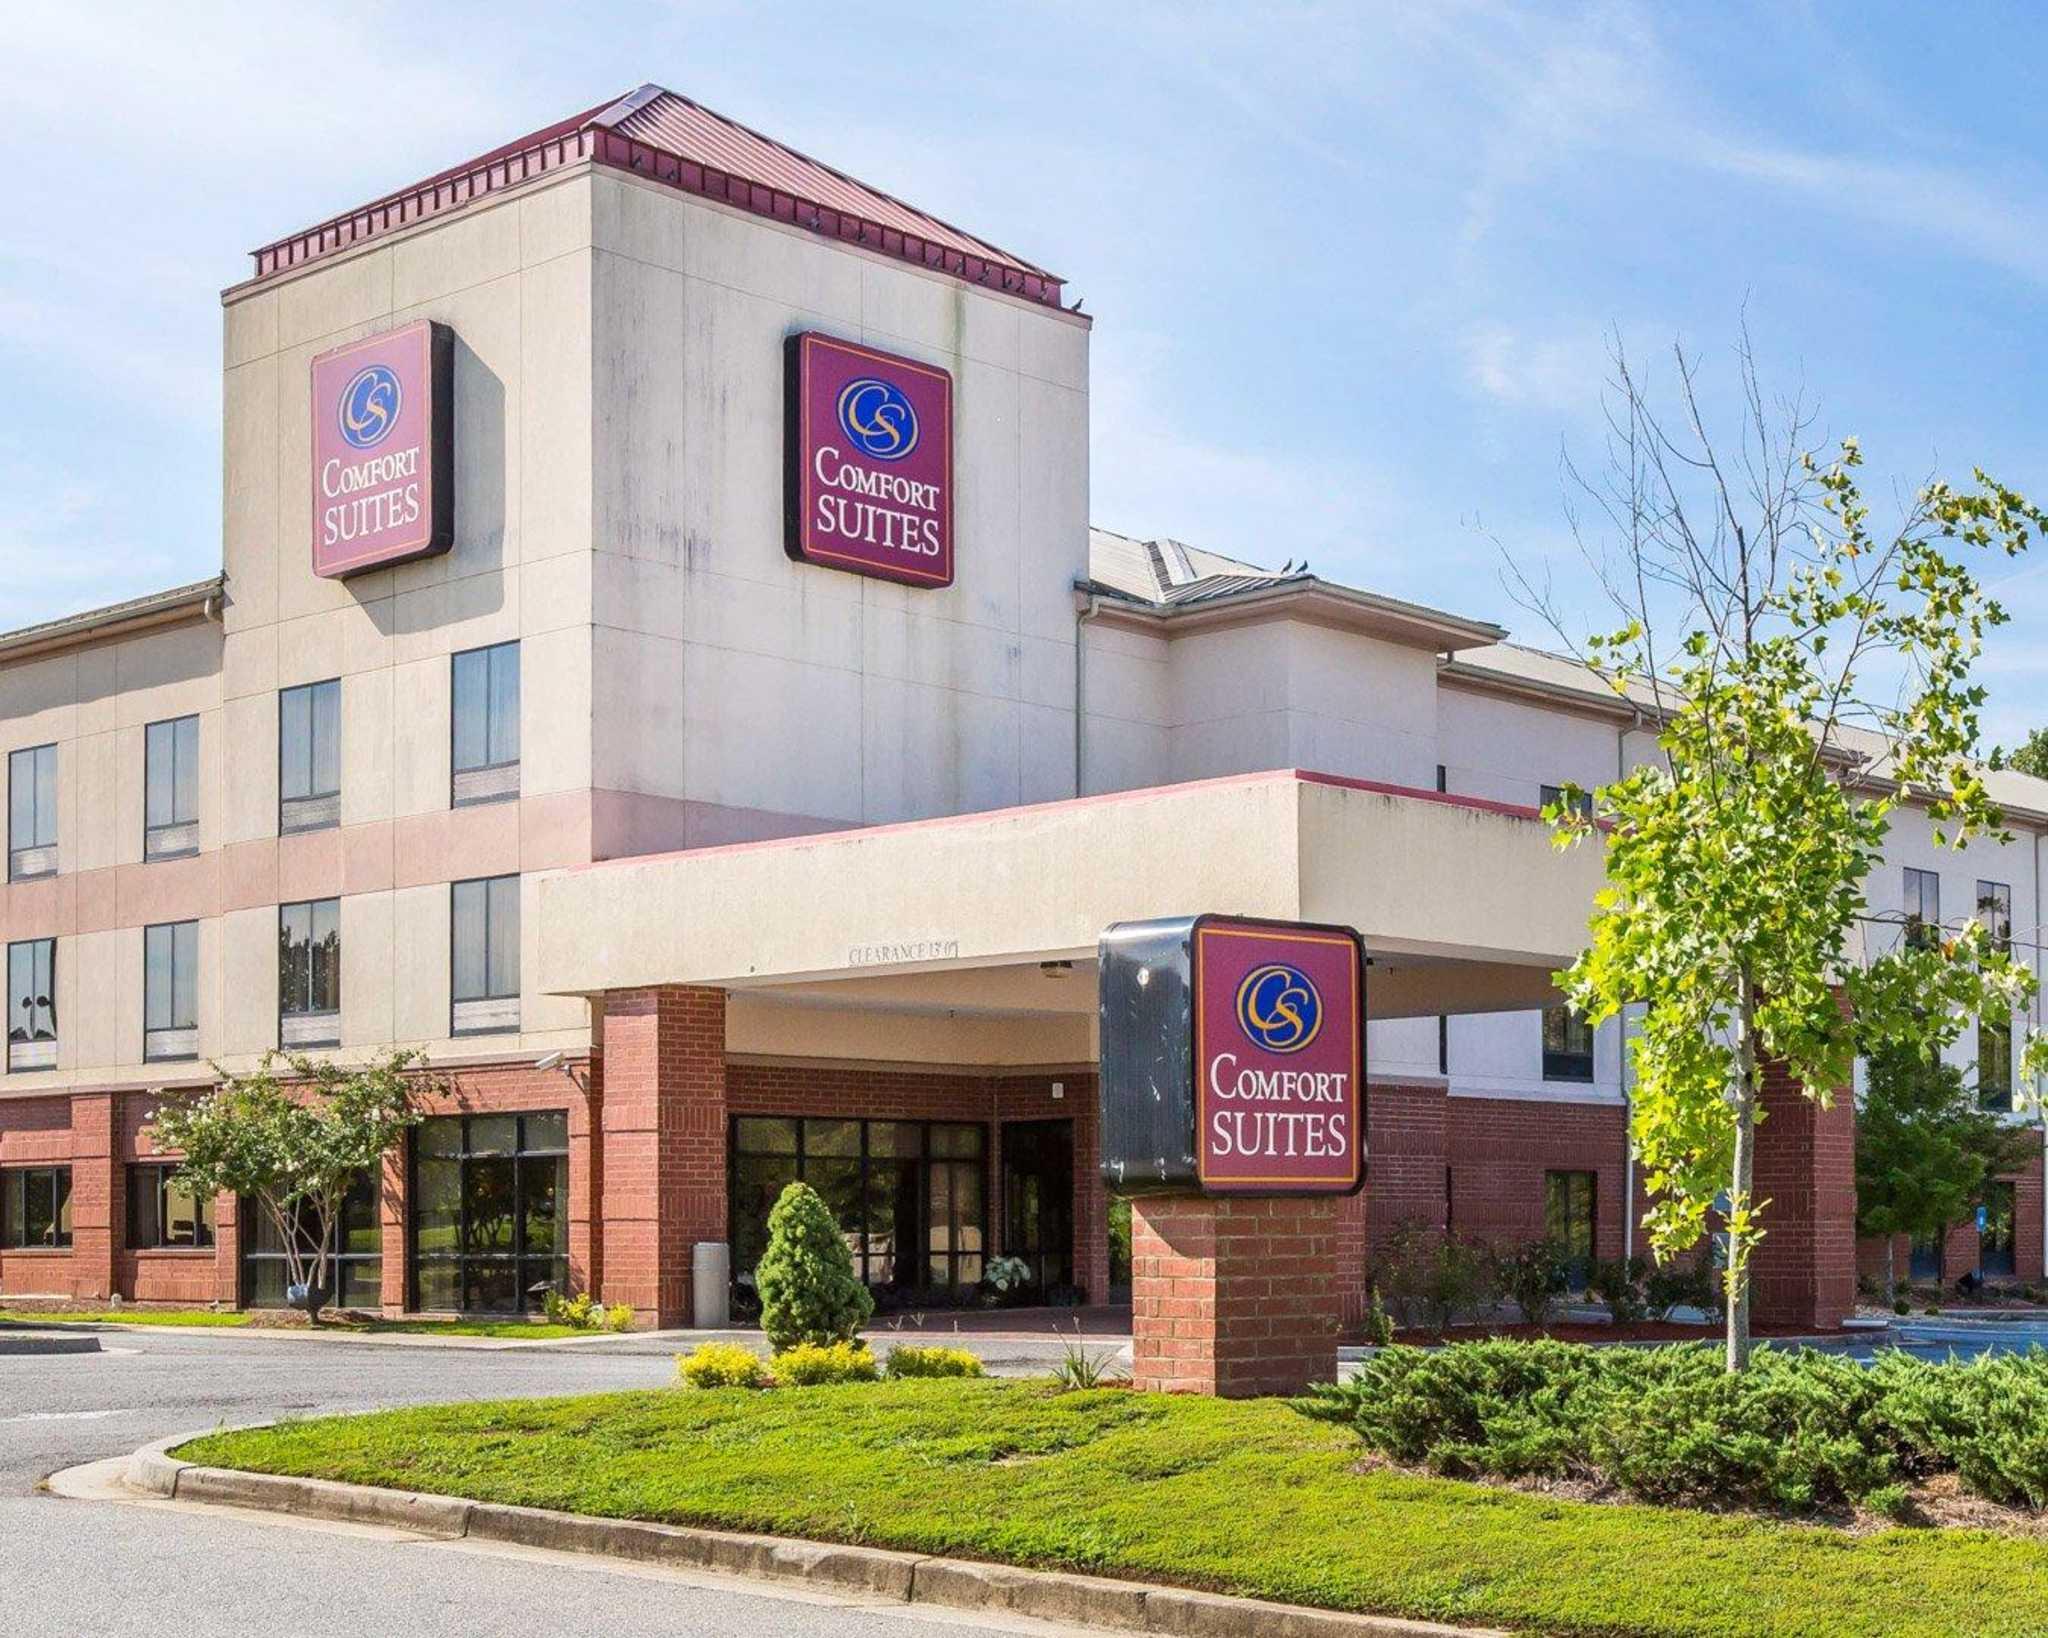 Comfort Suites in Macon, GA 31210 - ChamberofCommerce.com